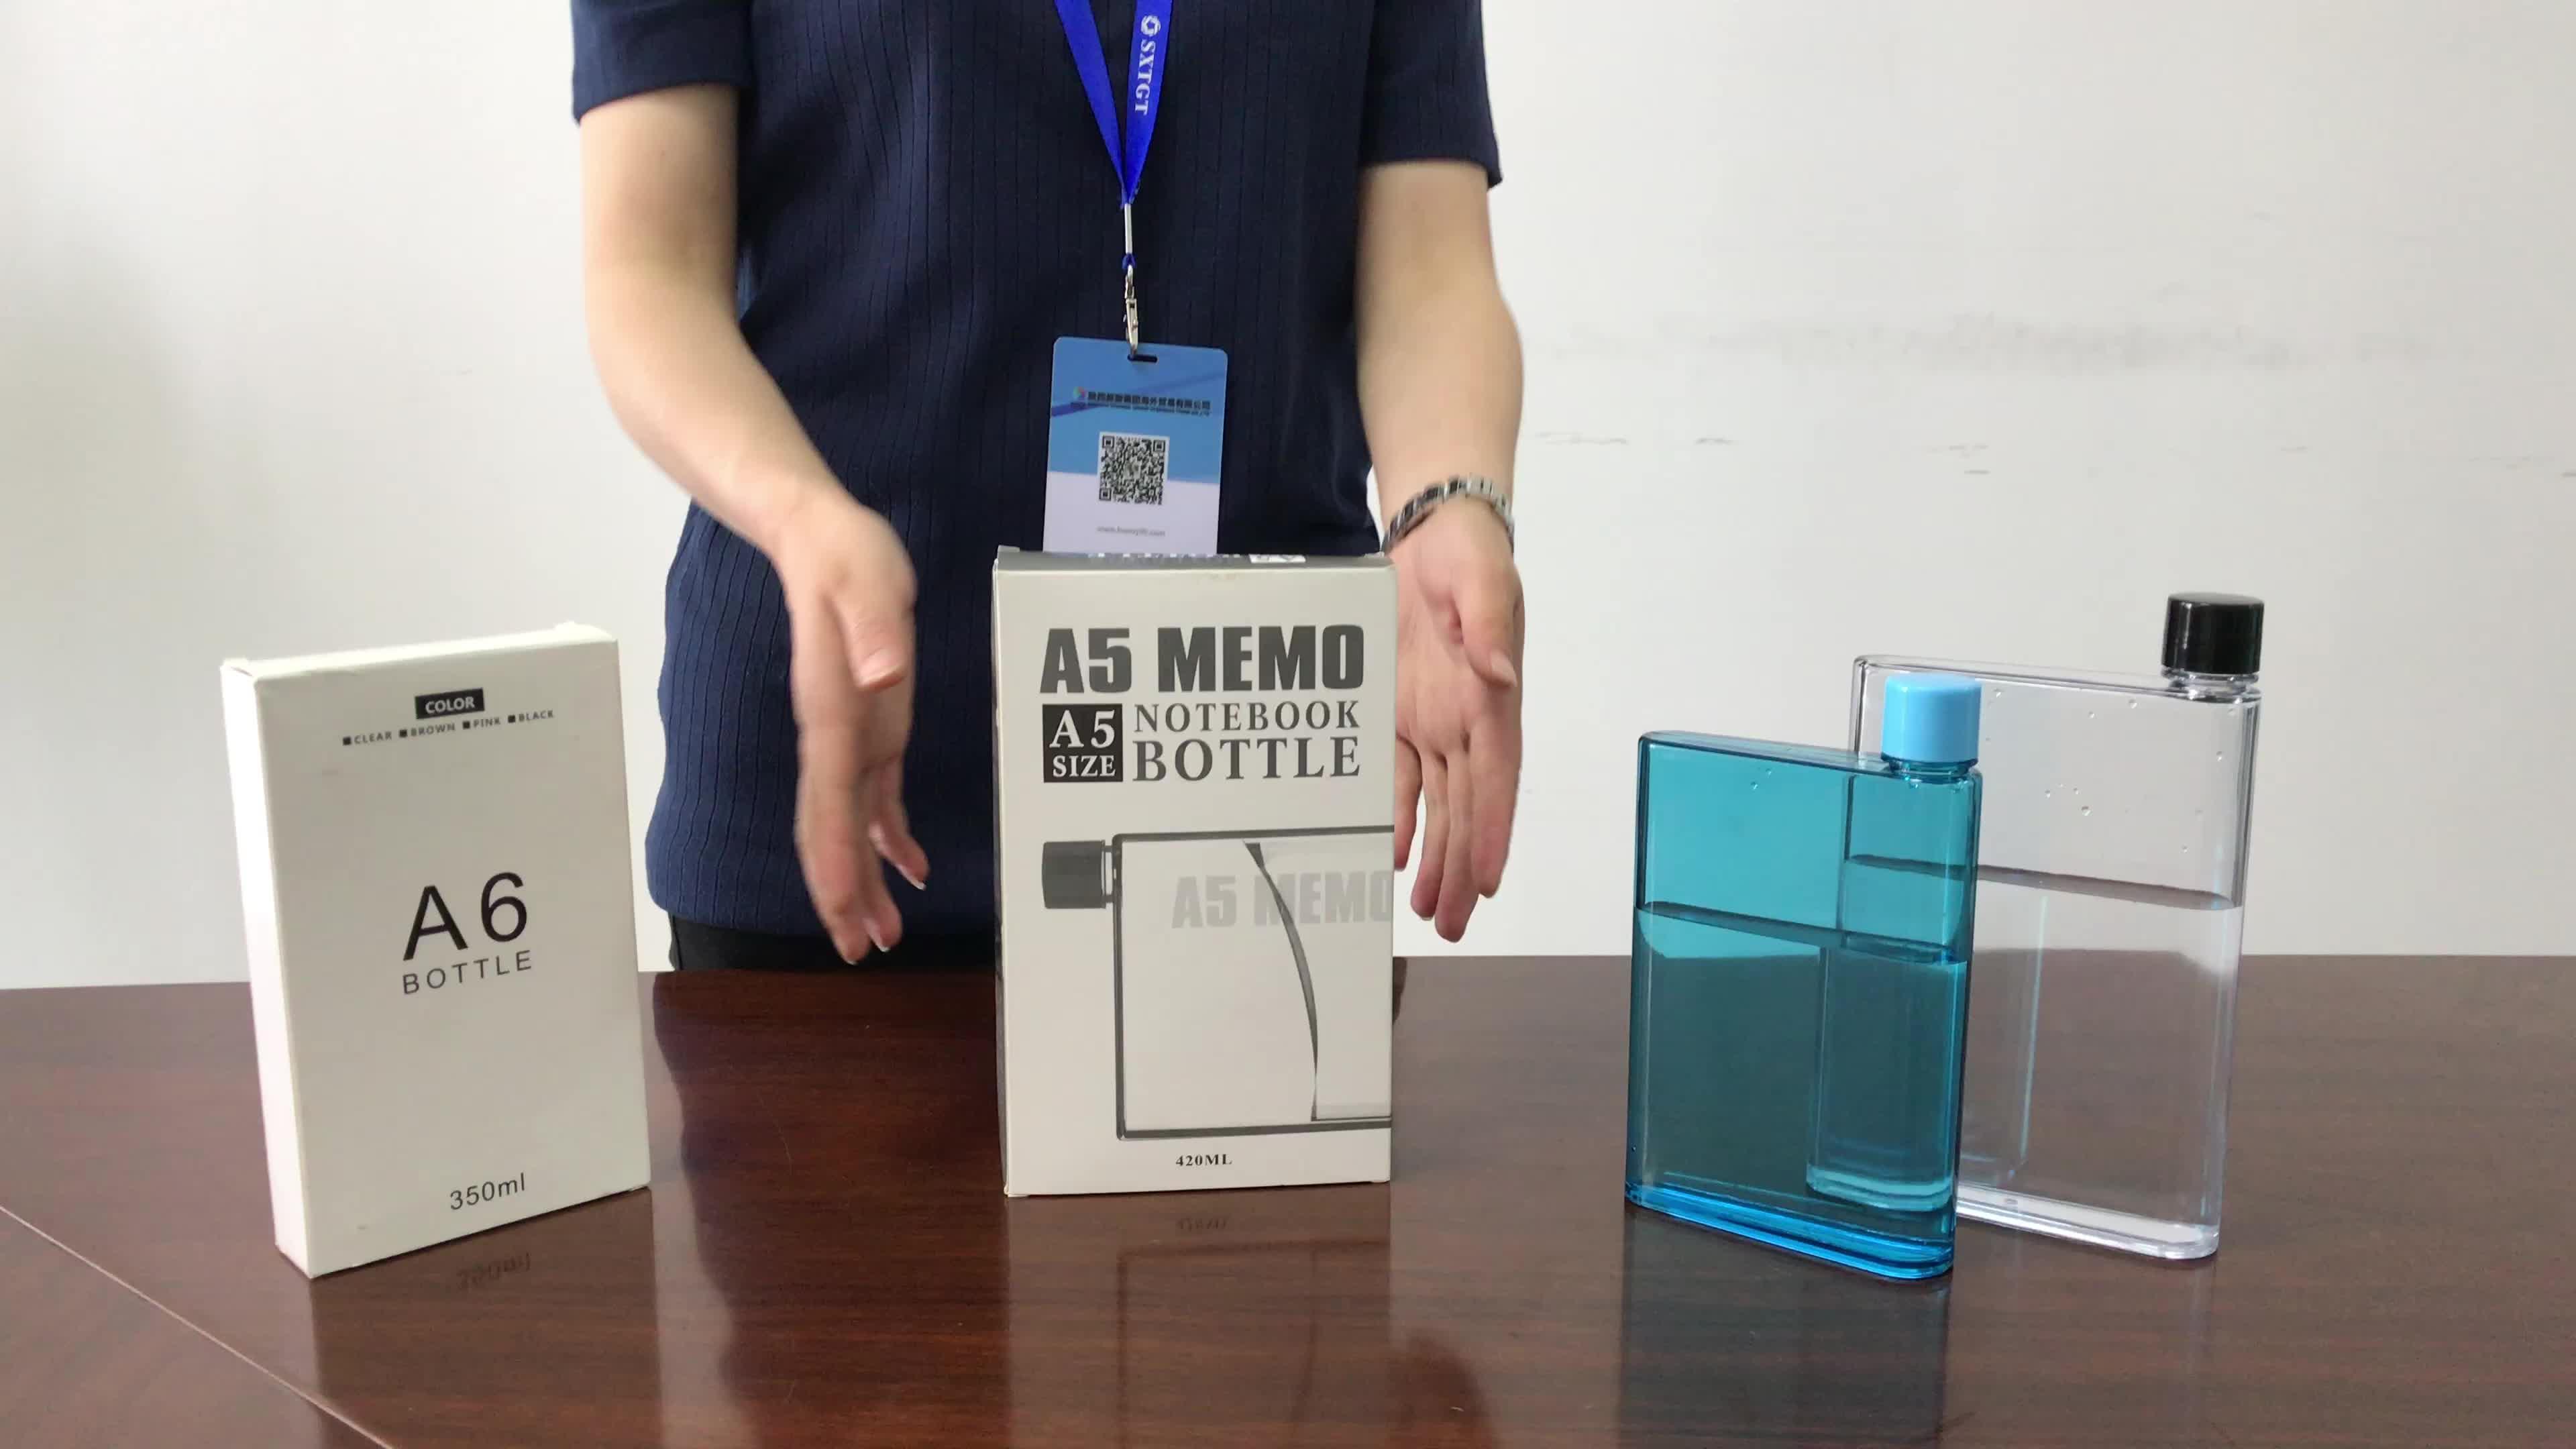 تعزيز مربع A5 دفتر مذكرة زجاجة ماء بلاستيكية مسطحة مع شعار مخصص